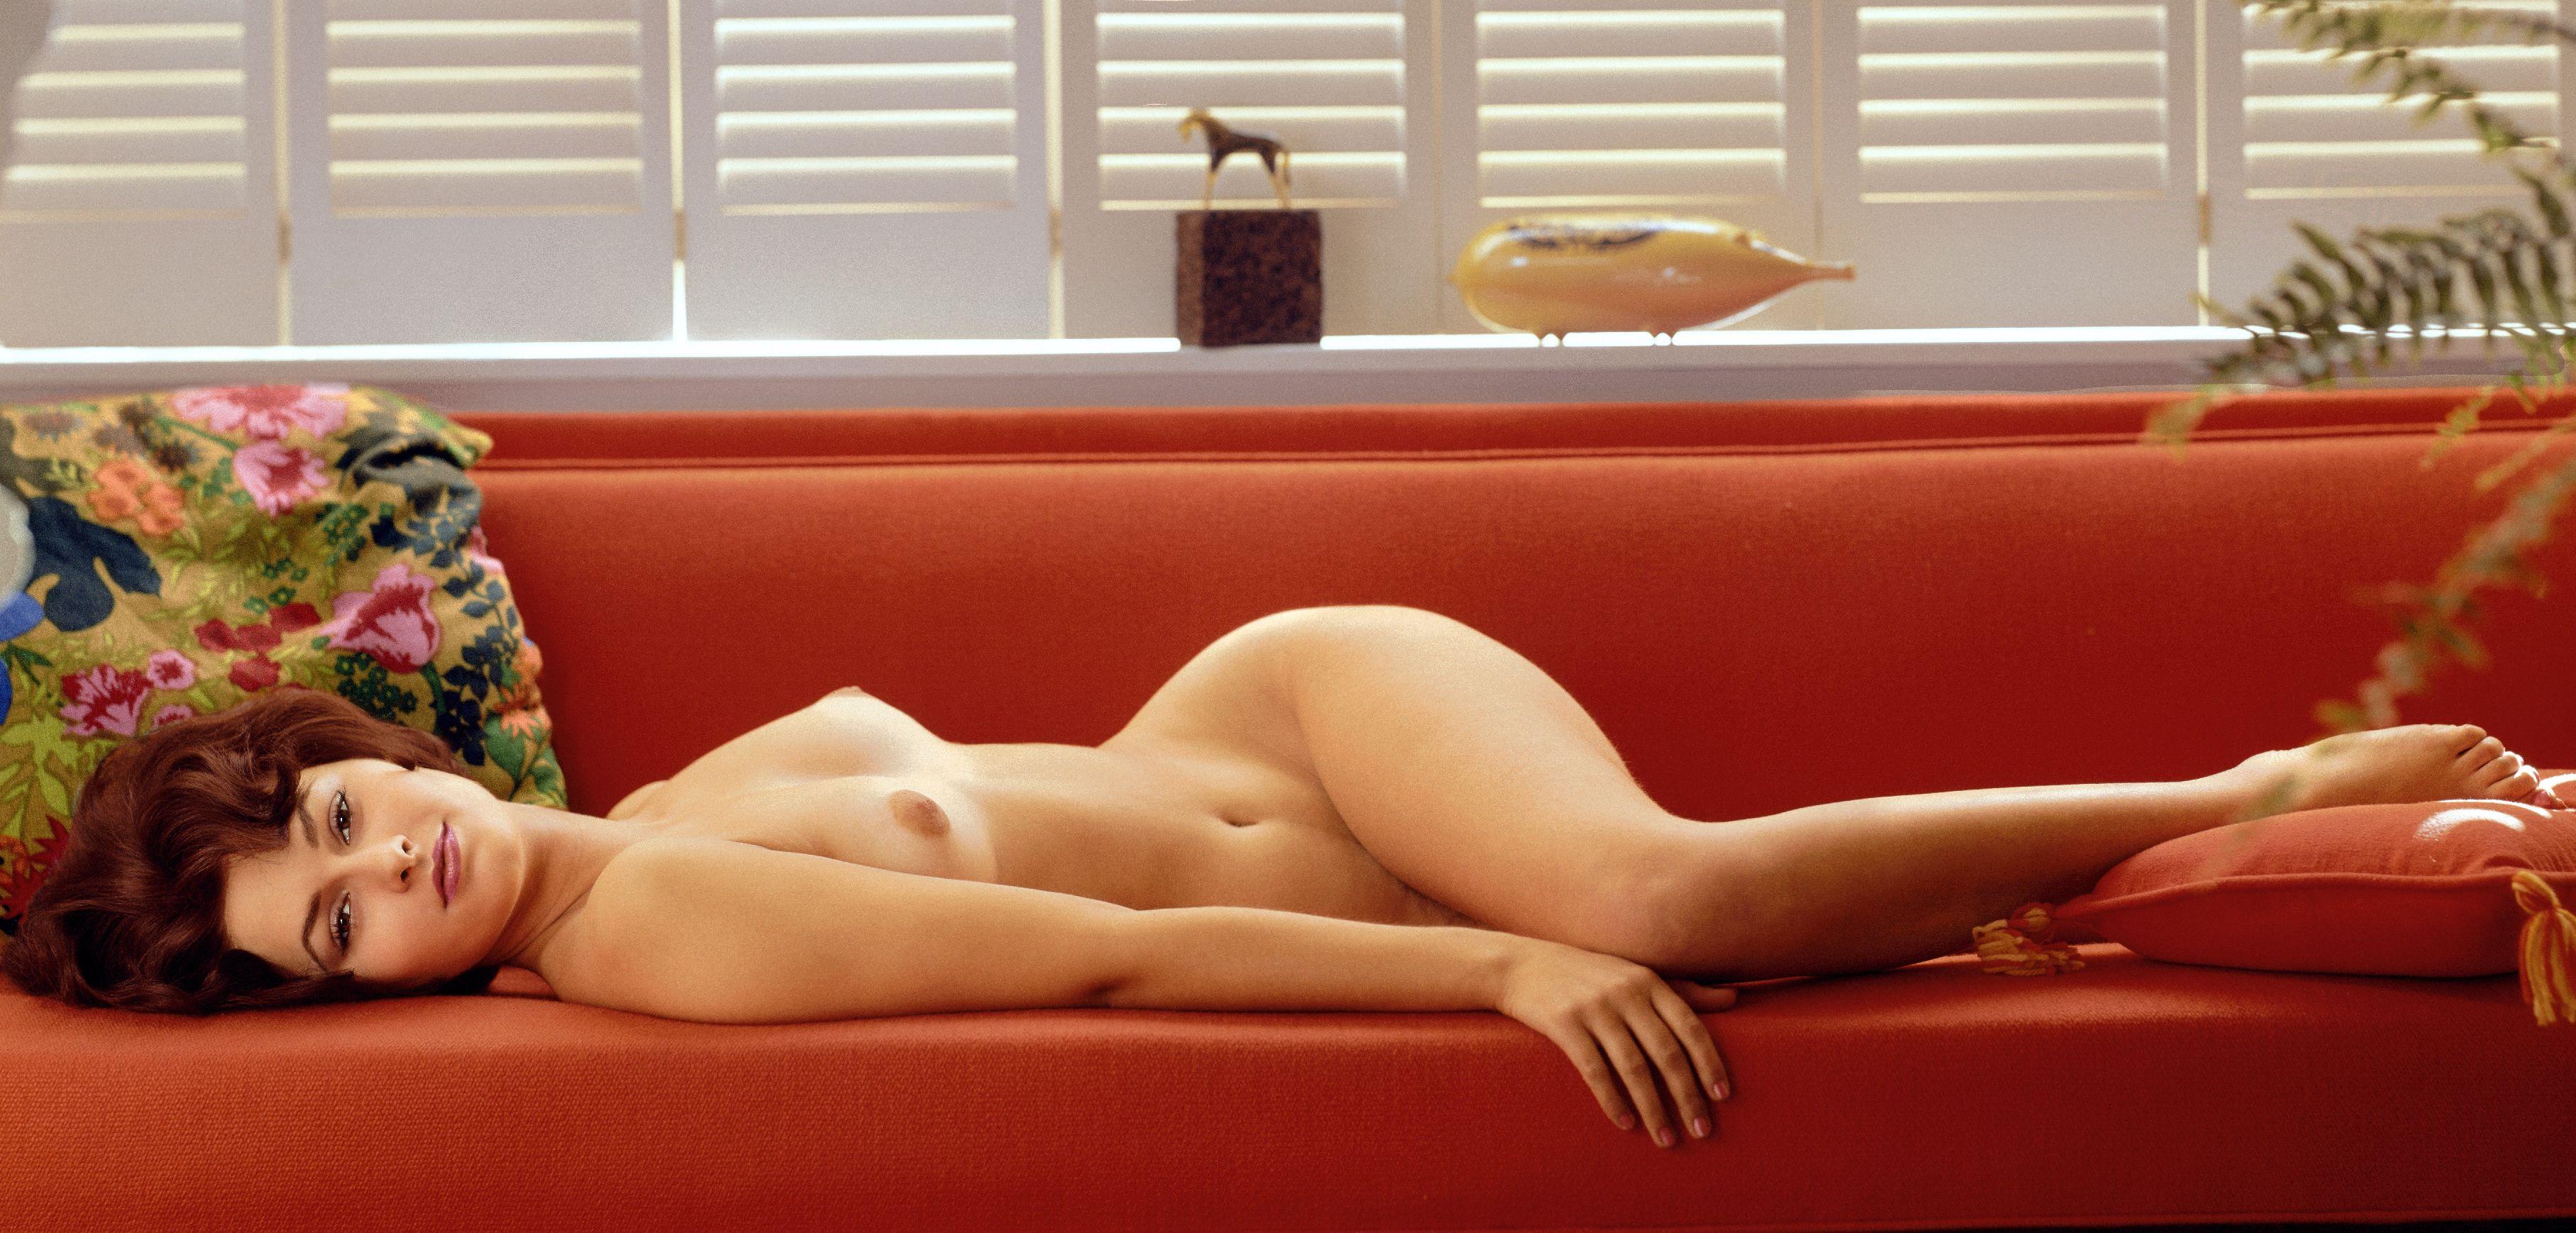 голая девушка лежит на диване картинки - 11